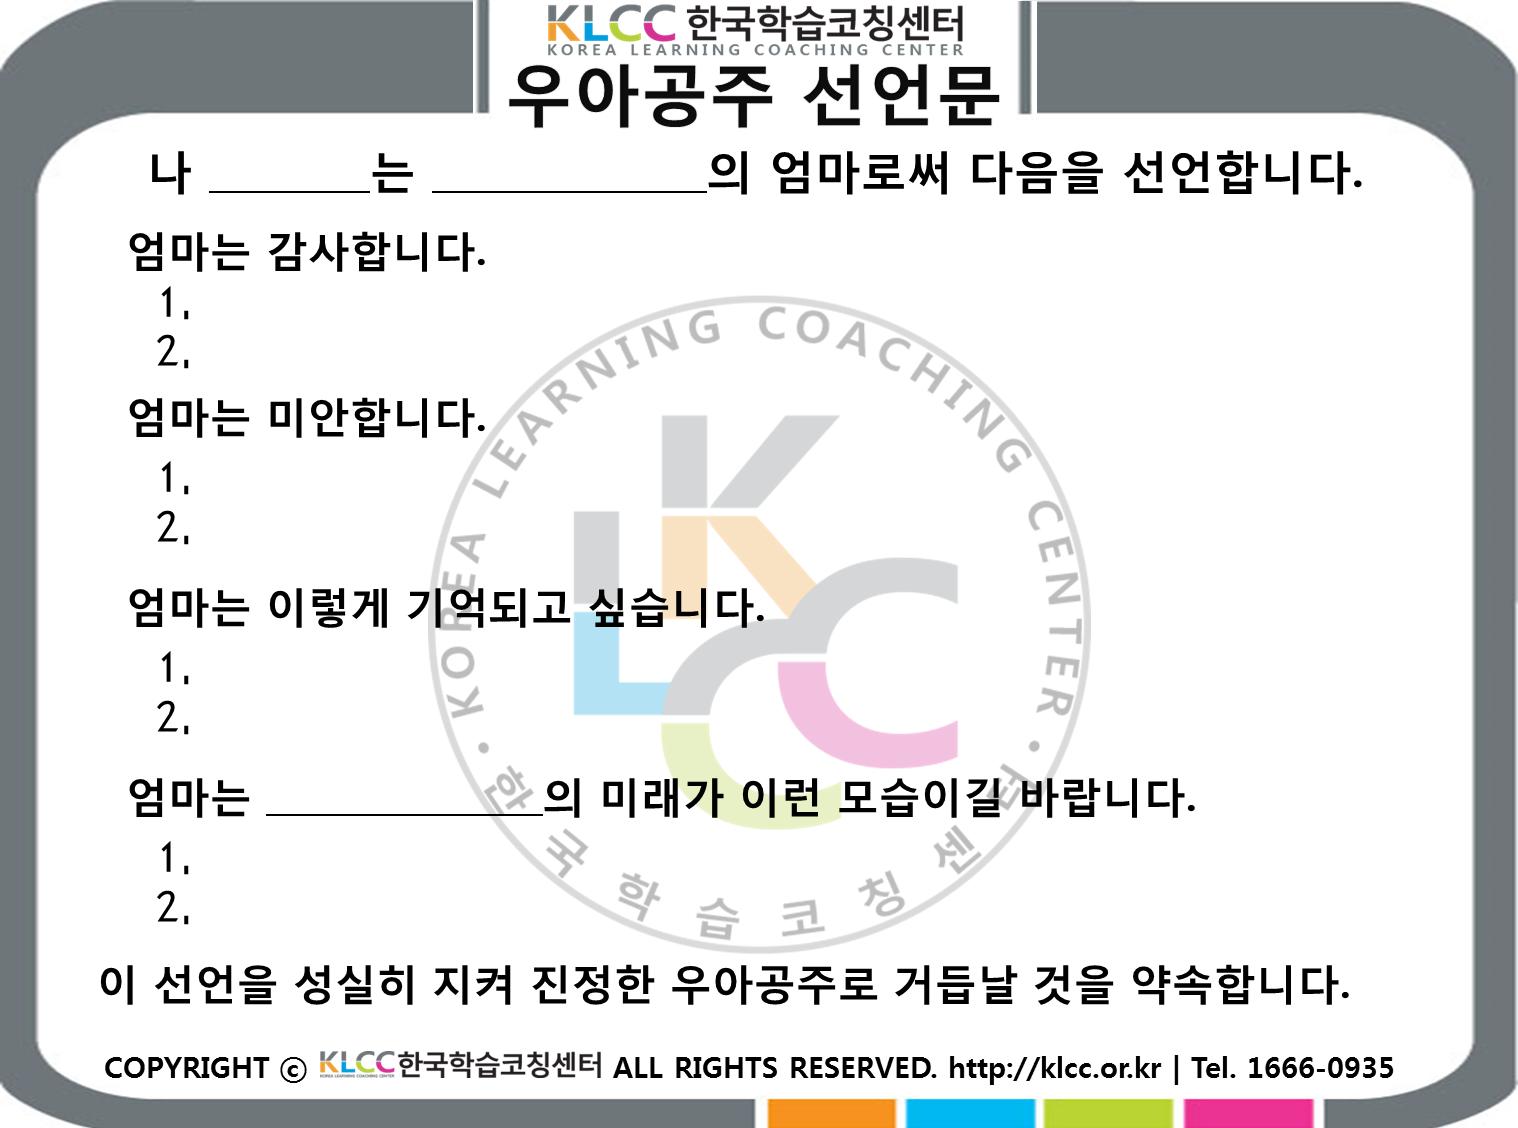 한국학습코칭센터-우아공주 선언문.png